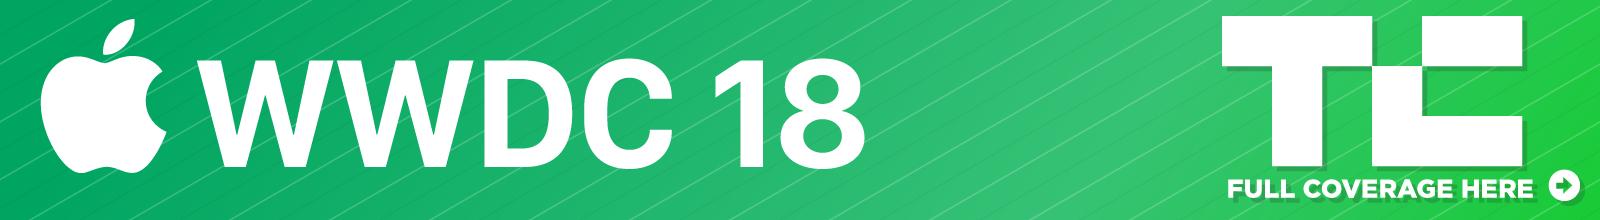 wwdc18 banner 5